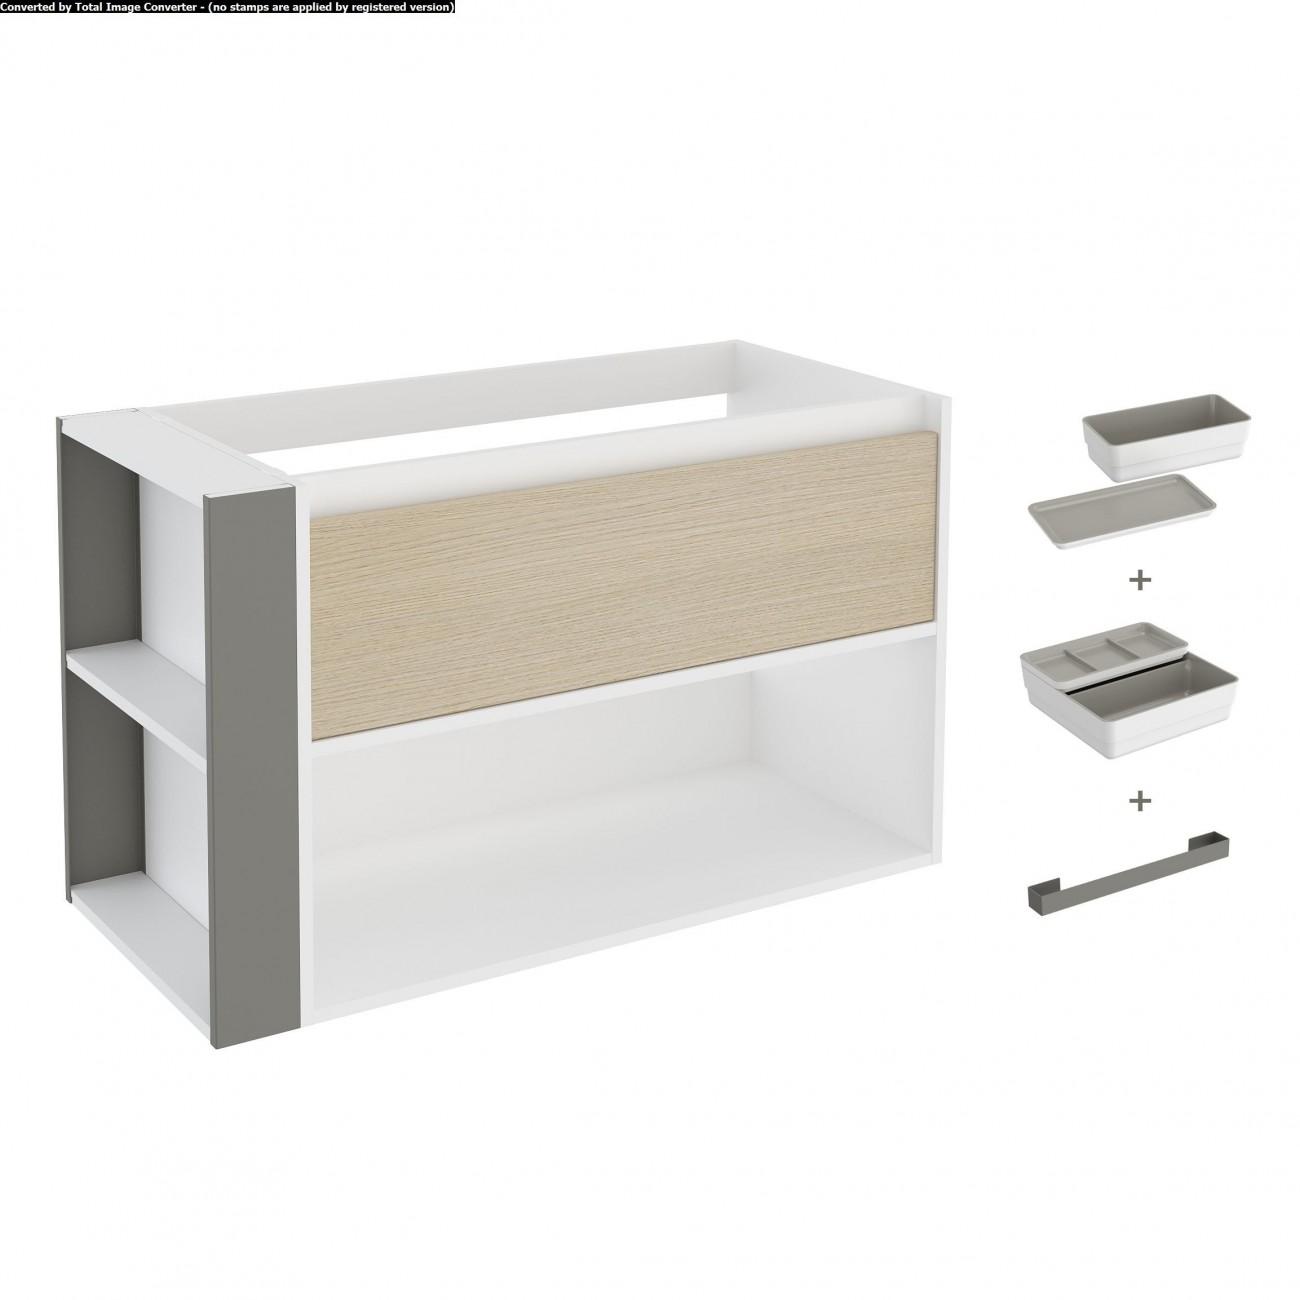 Bath+ by Cosmic Bsmart - Mueble 1 cajón y 1 estante para lavabo